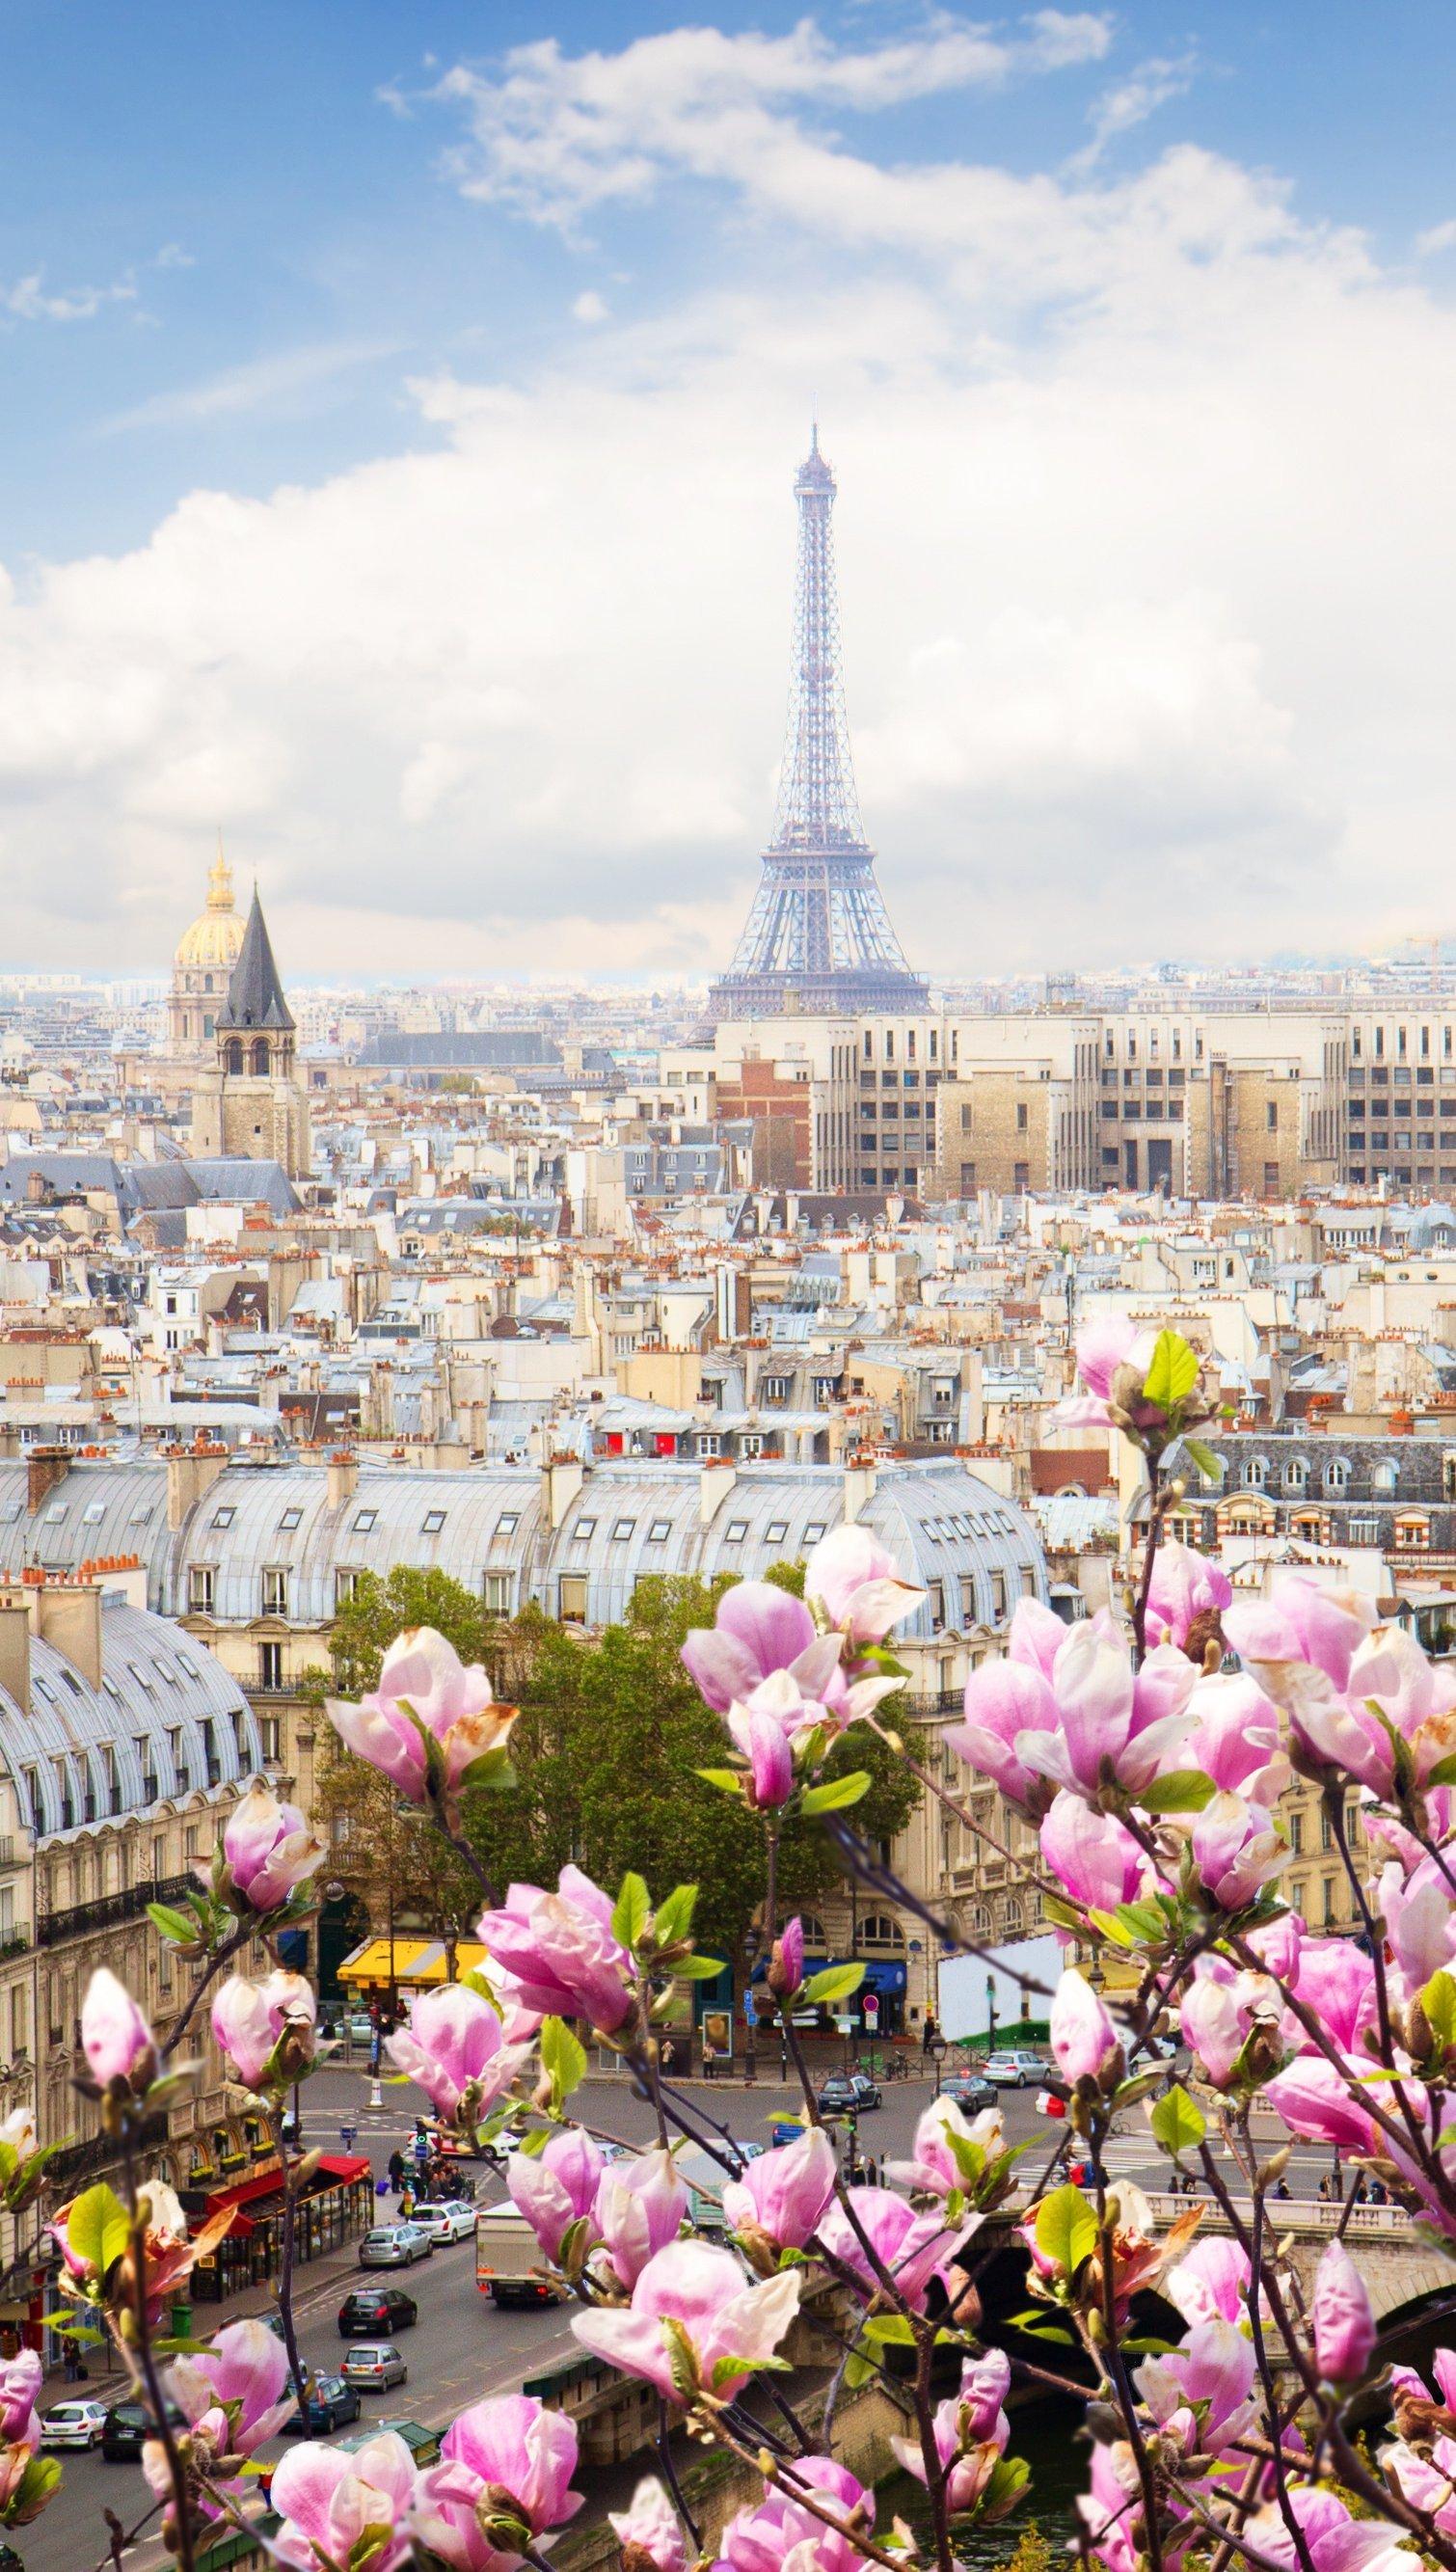 Fondos de pantalla Paisaje de Paris con flores Vertical